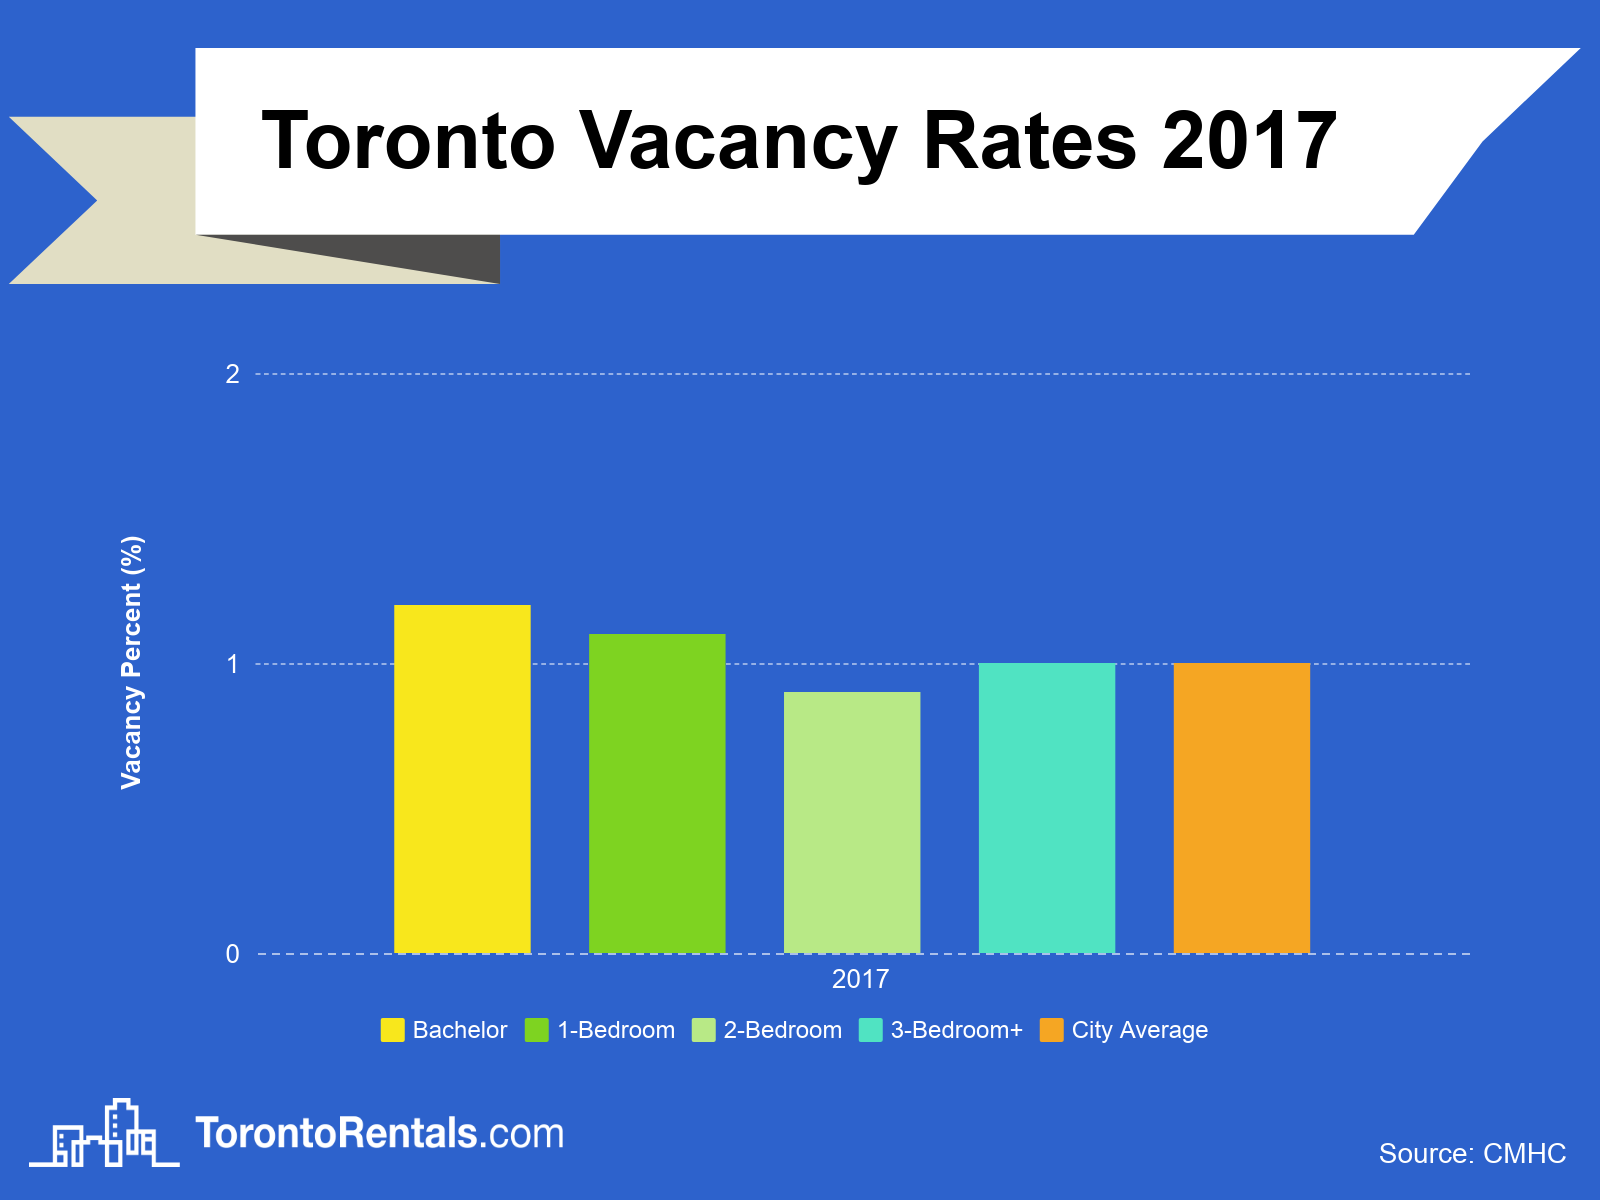 2017 Toronto Vacancy Rates